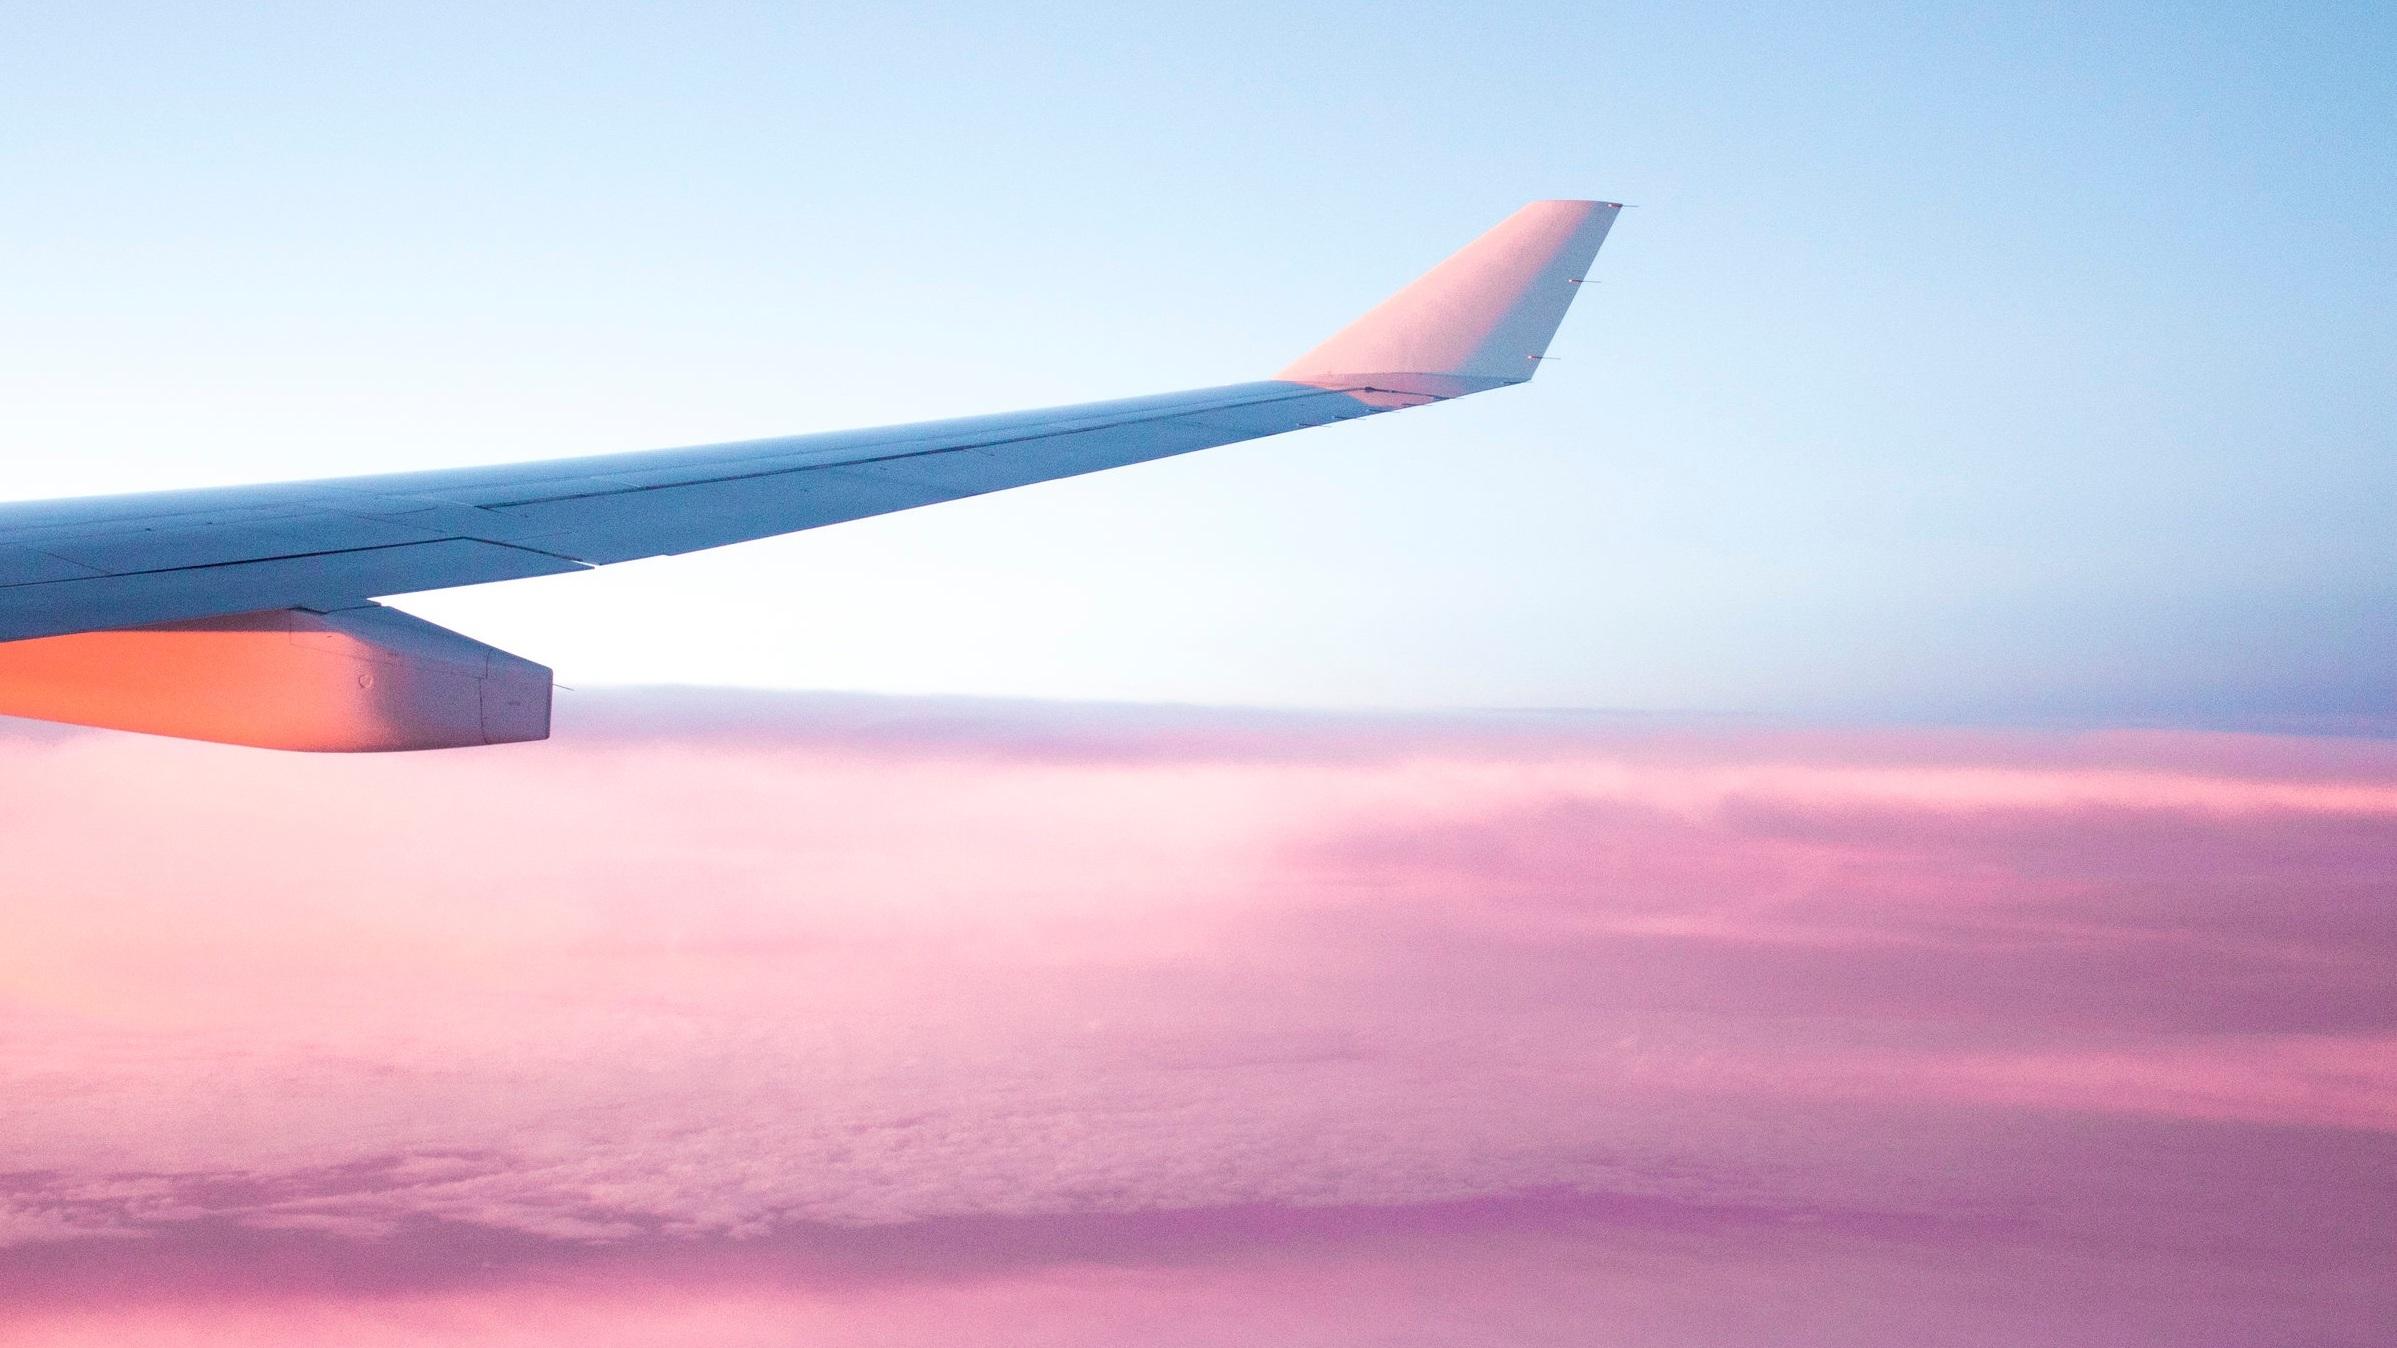 FLYG - Till Orlando bokar vi i första hand Lufthansa, Norwegian och Icelandair, men vi arrangerar även flyg med andra bolag. I våra priser ingår alltid bagage.